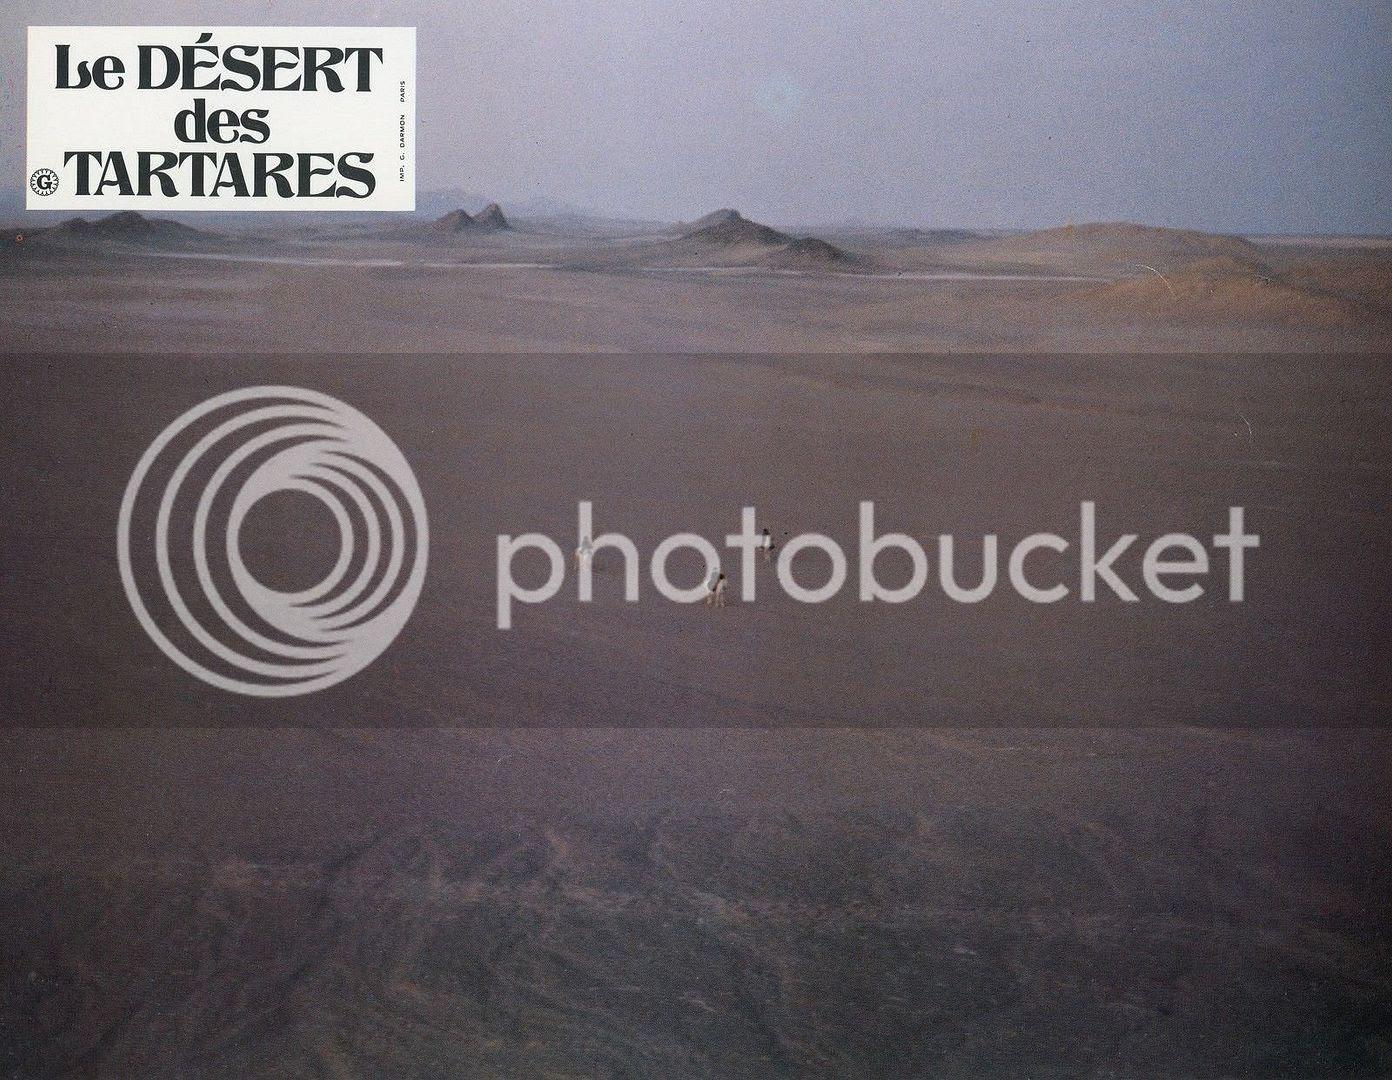 photo poster_desert_tartares-5.jpg